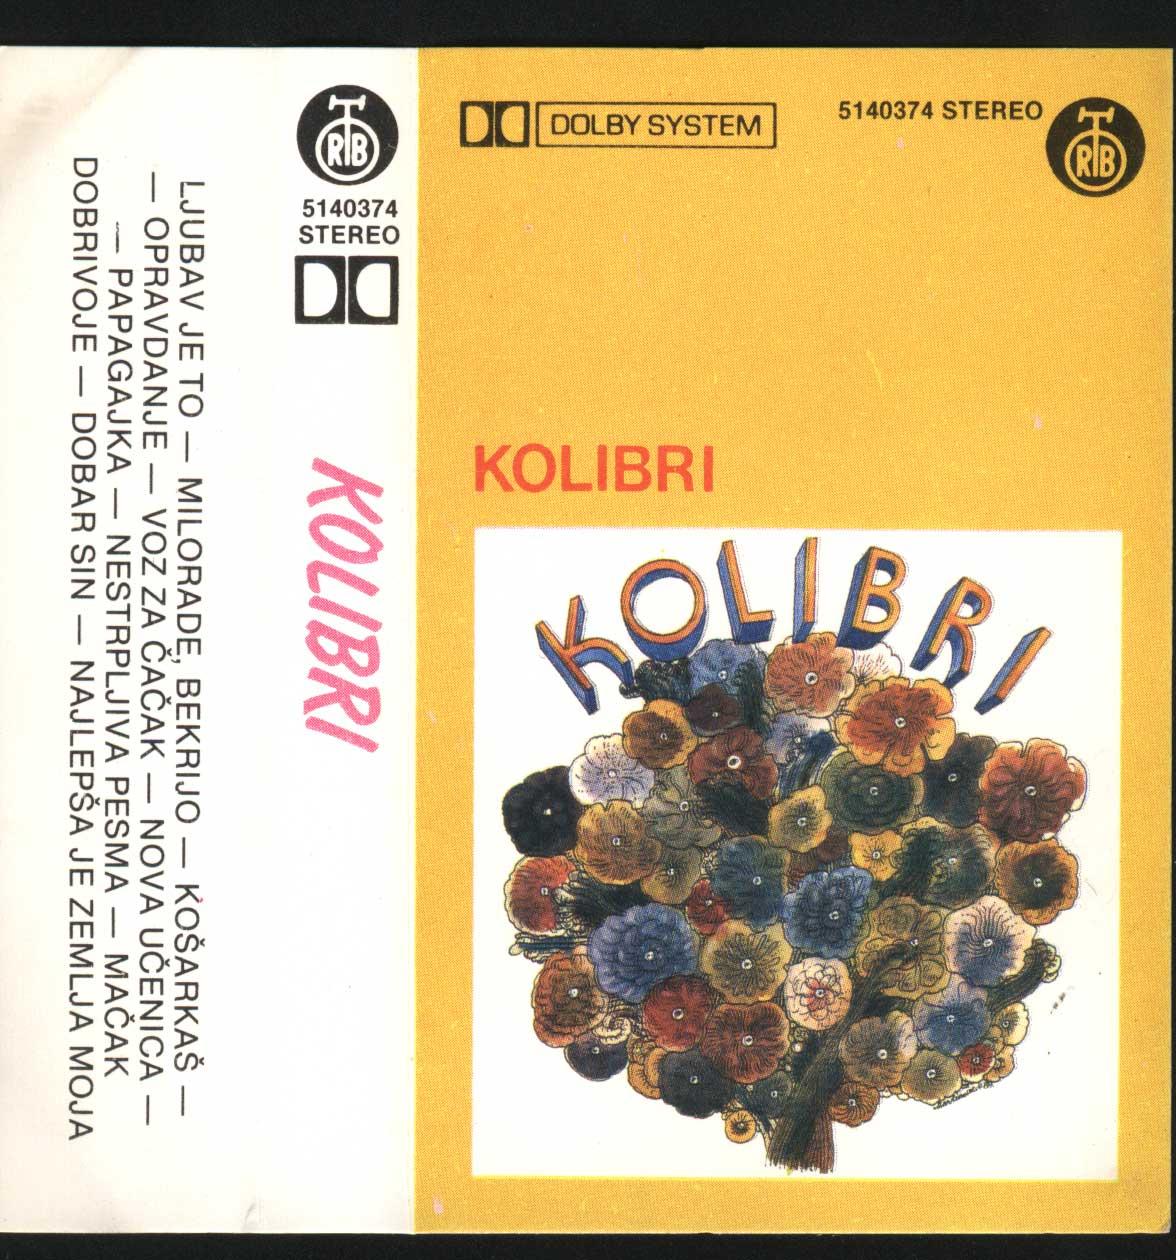 ZVUCI JUGOSLAVIJE - SOUNDS OF YUGOSLAVIA: KOLIBRI 1985